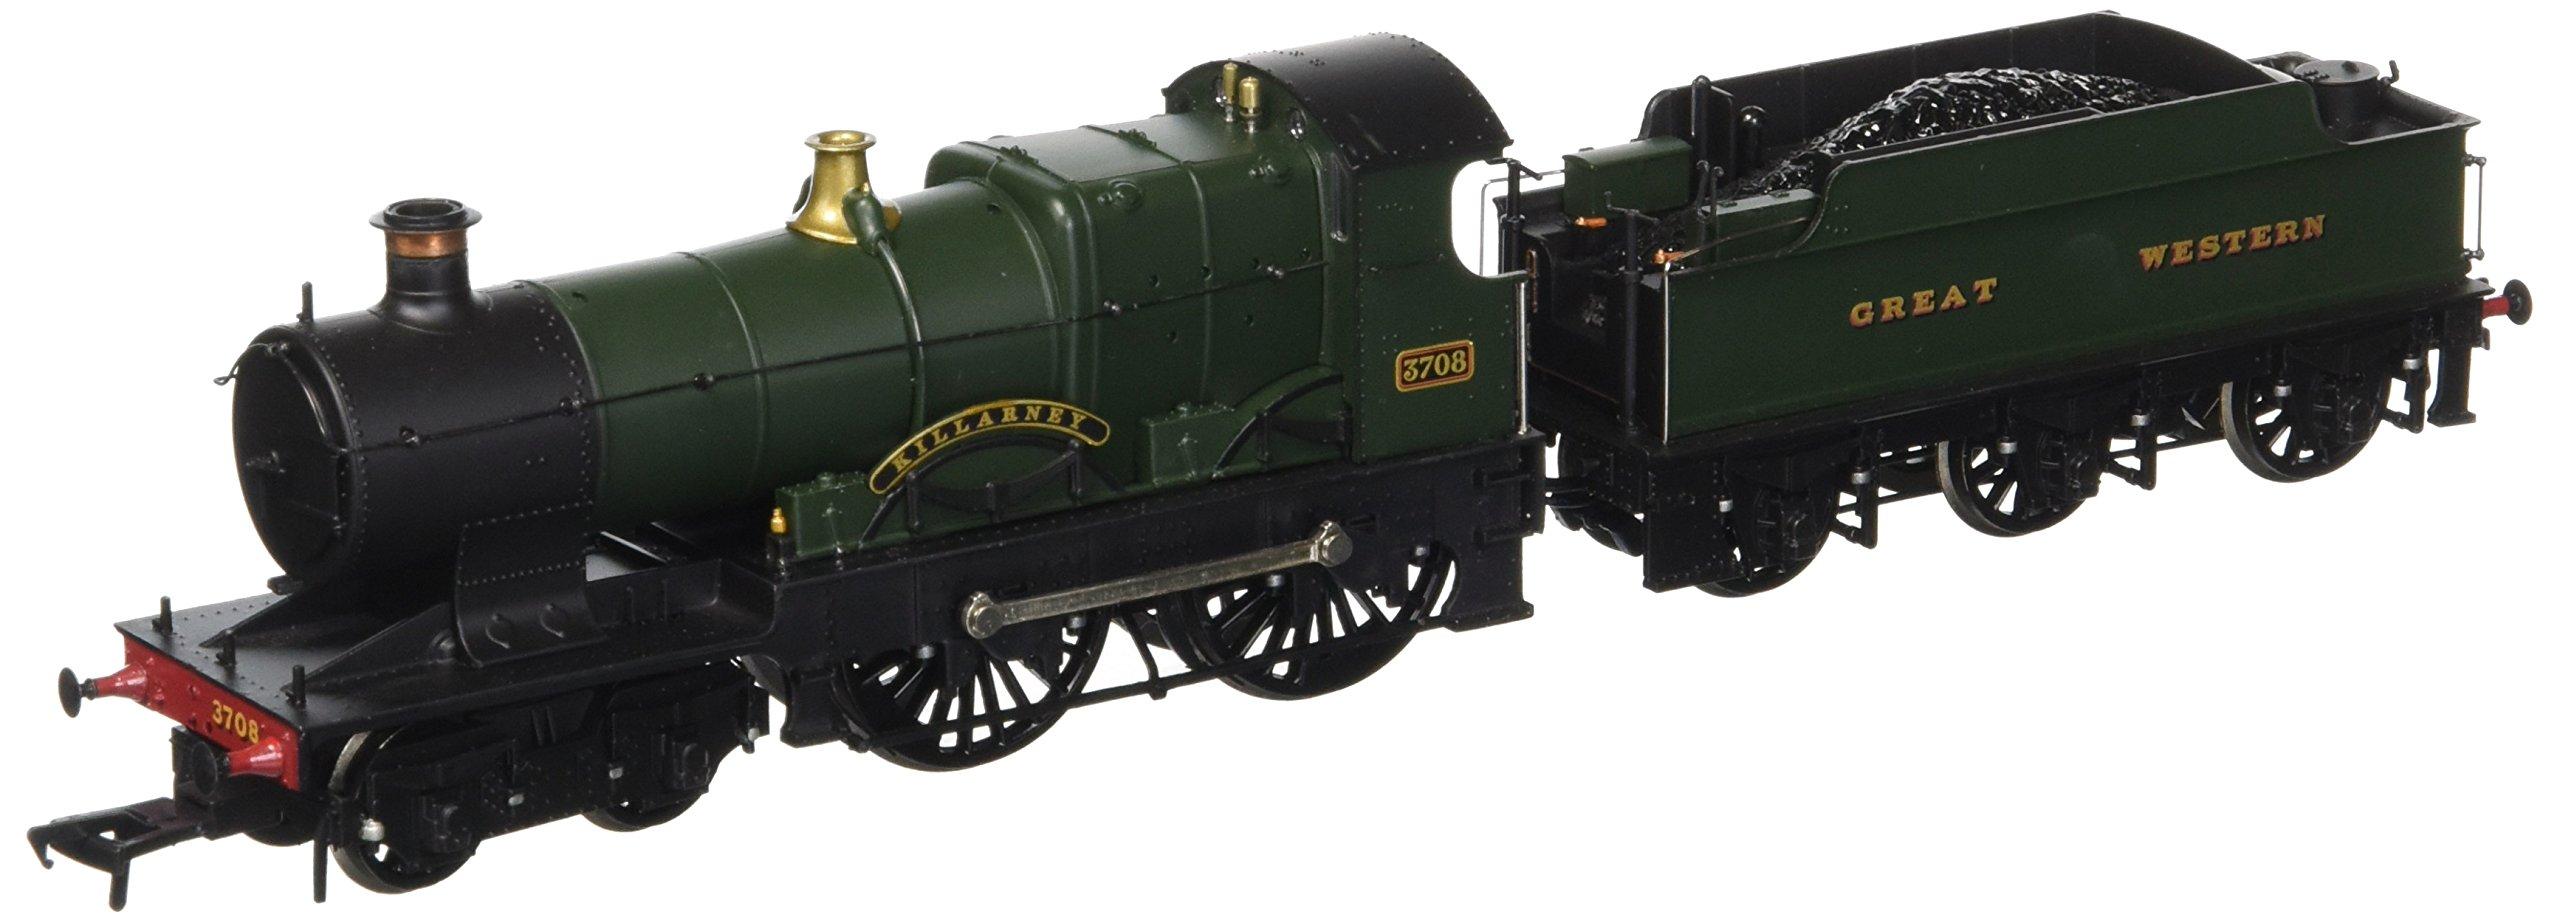 Busch 31-728 Gwr 3700 Class 3708 'Killarney' Great Western Green OO Scale Model Train